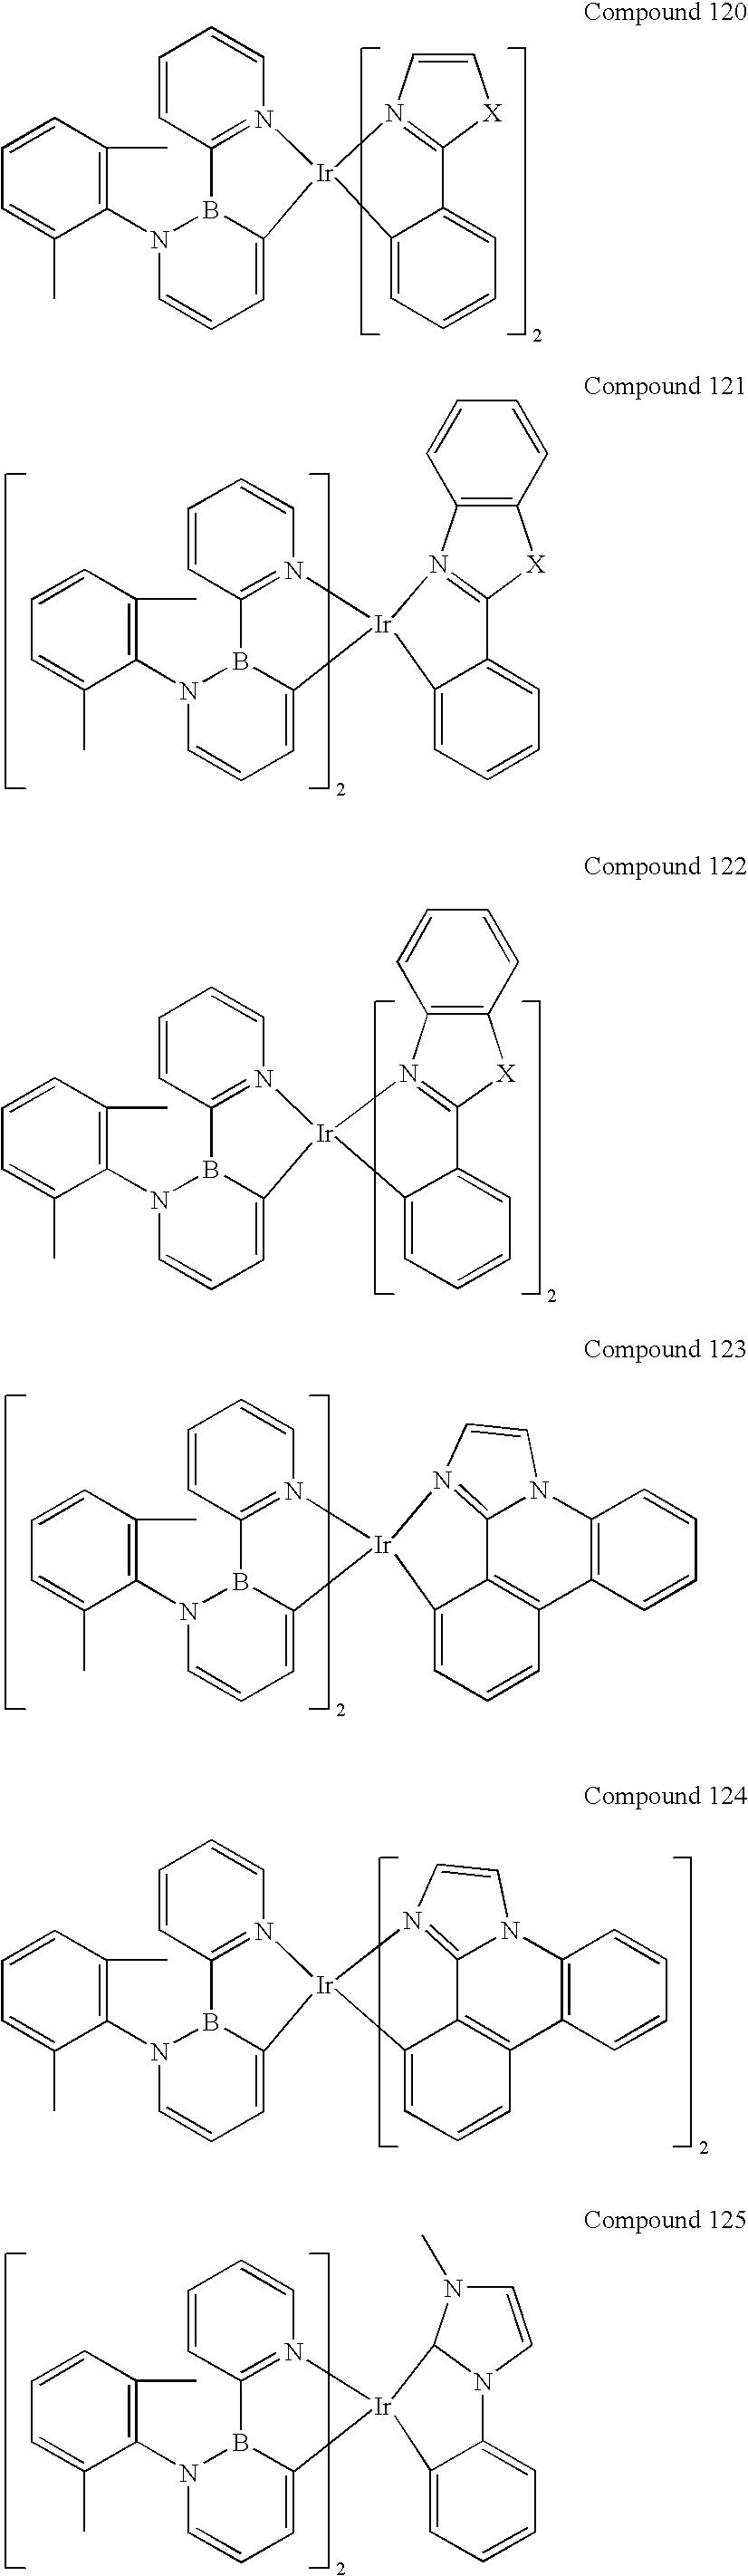 Figure US20100295032A1-20101125-C00074